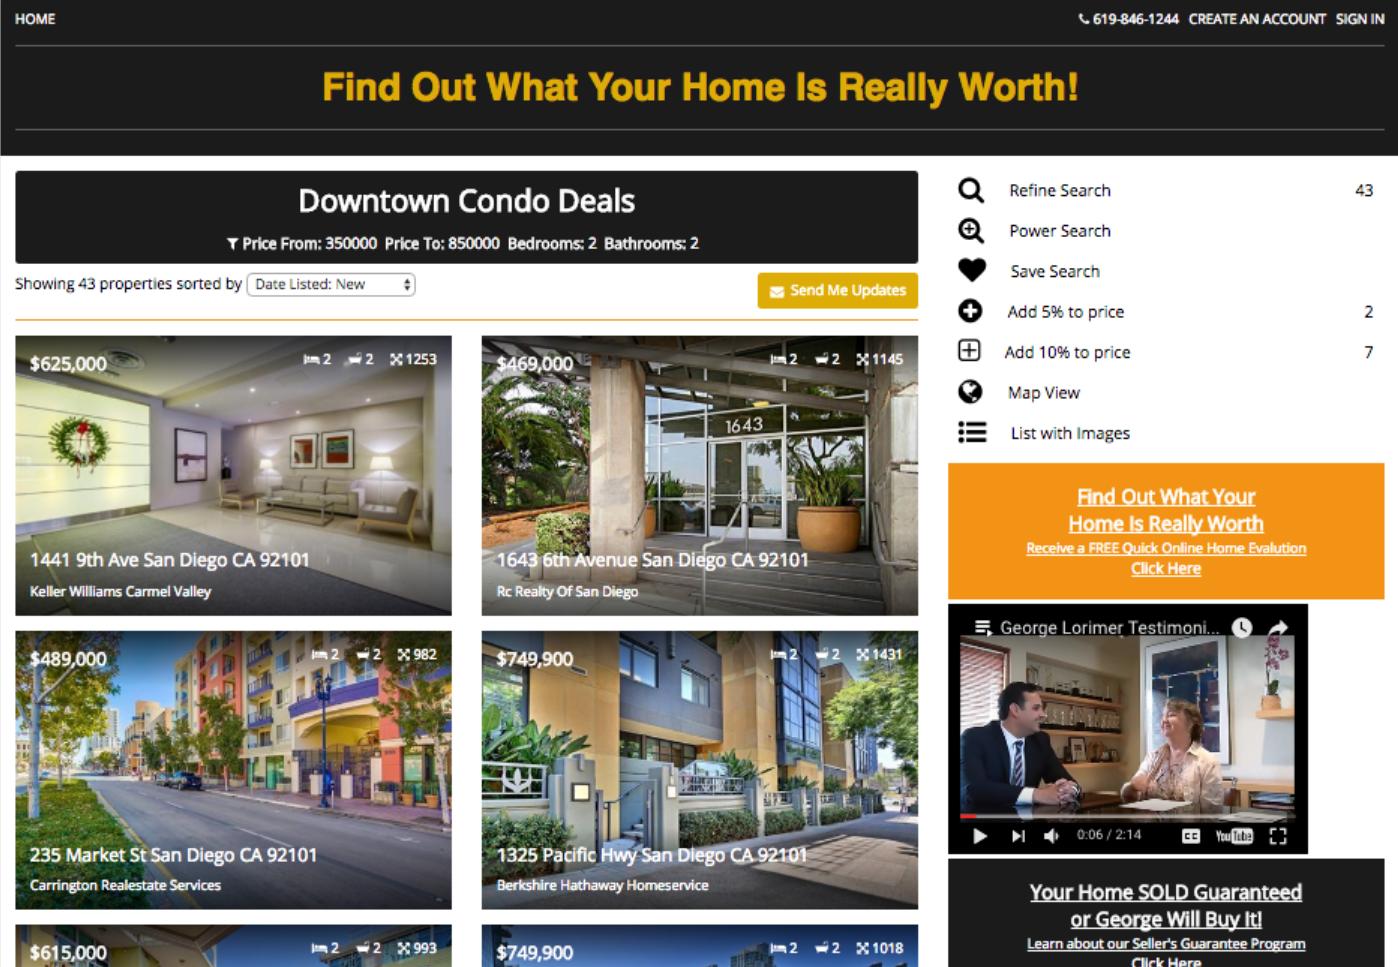 HDX Hotlist for Home Buyers - SuccessWebsite